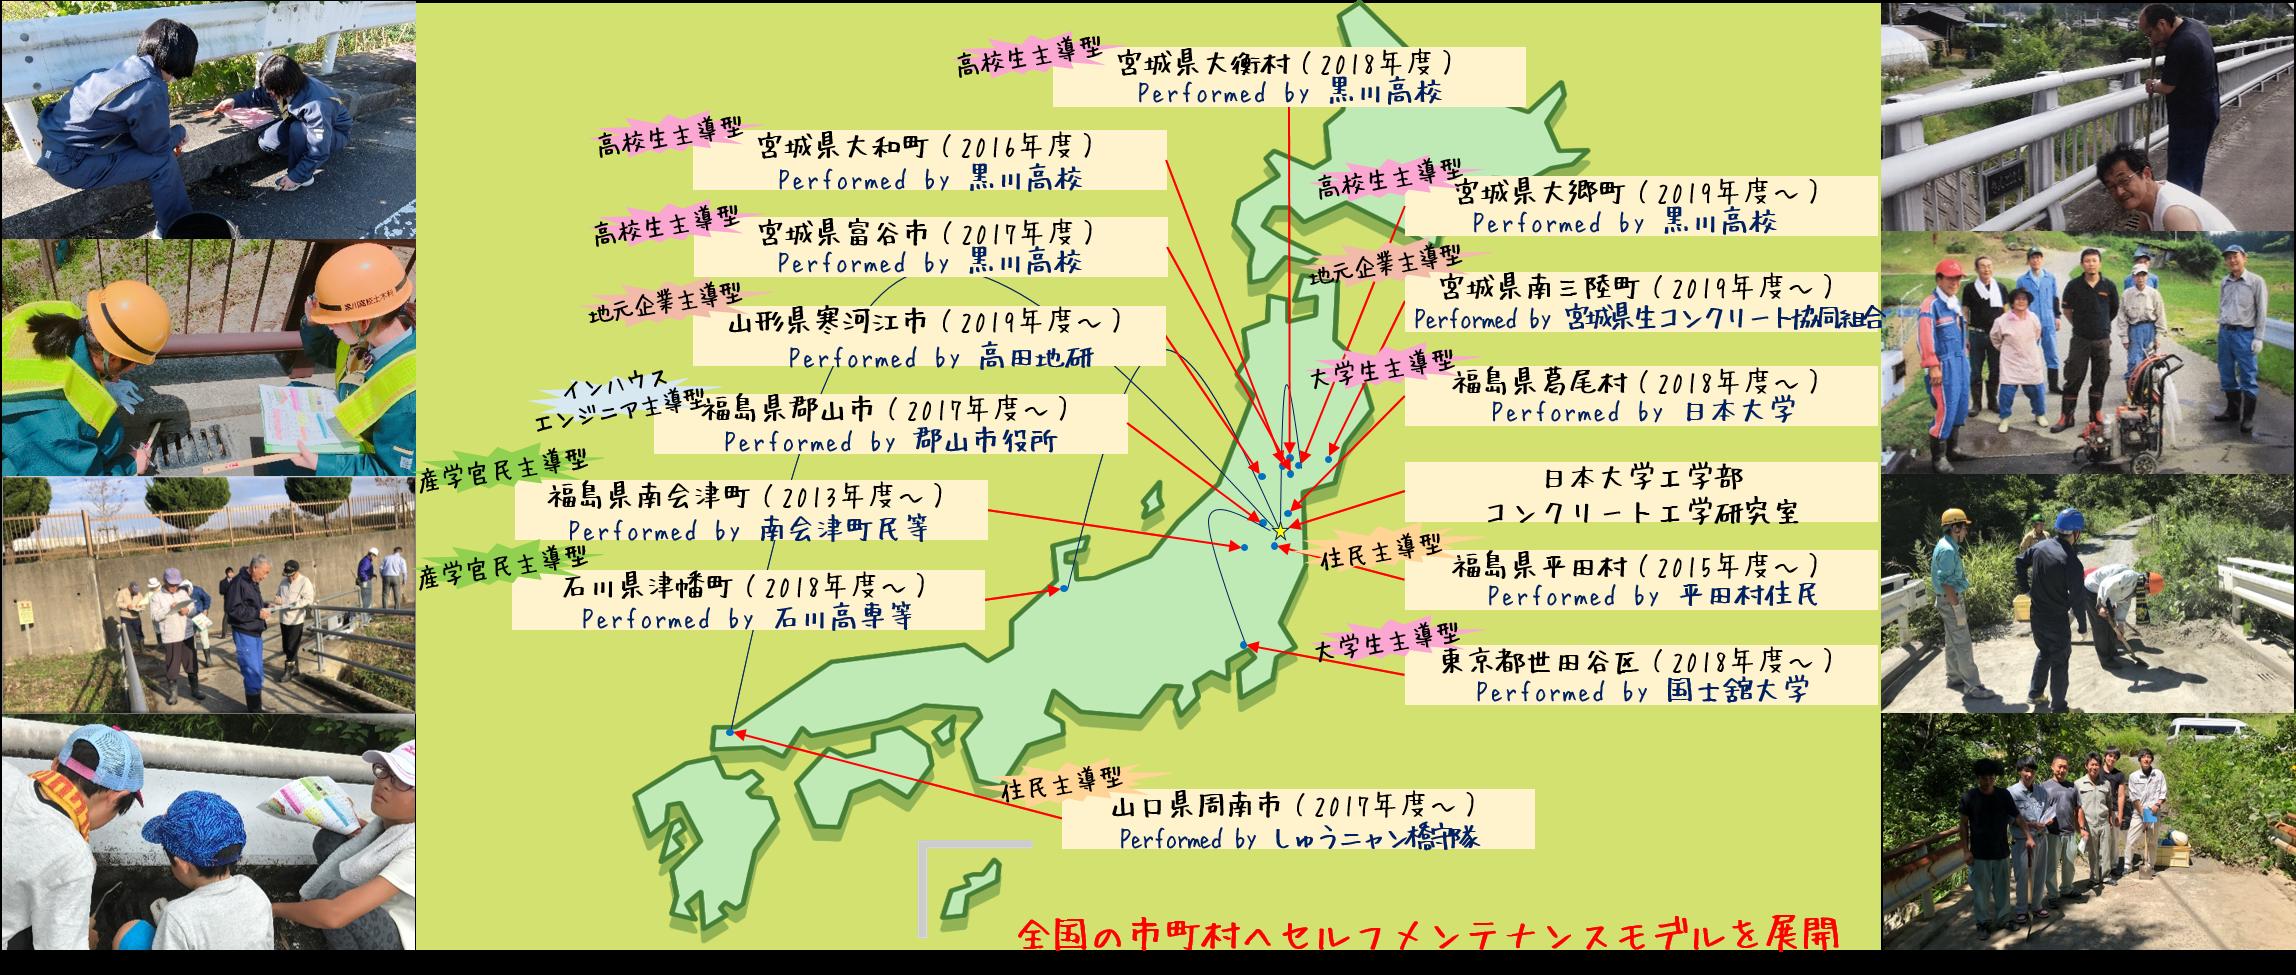 写真付き全国展開地図